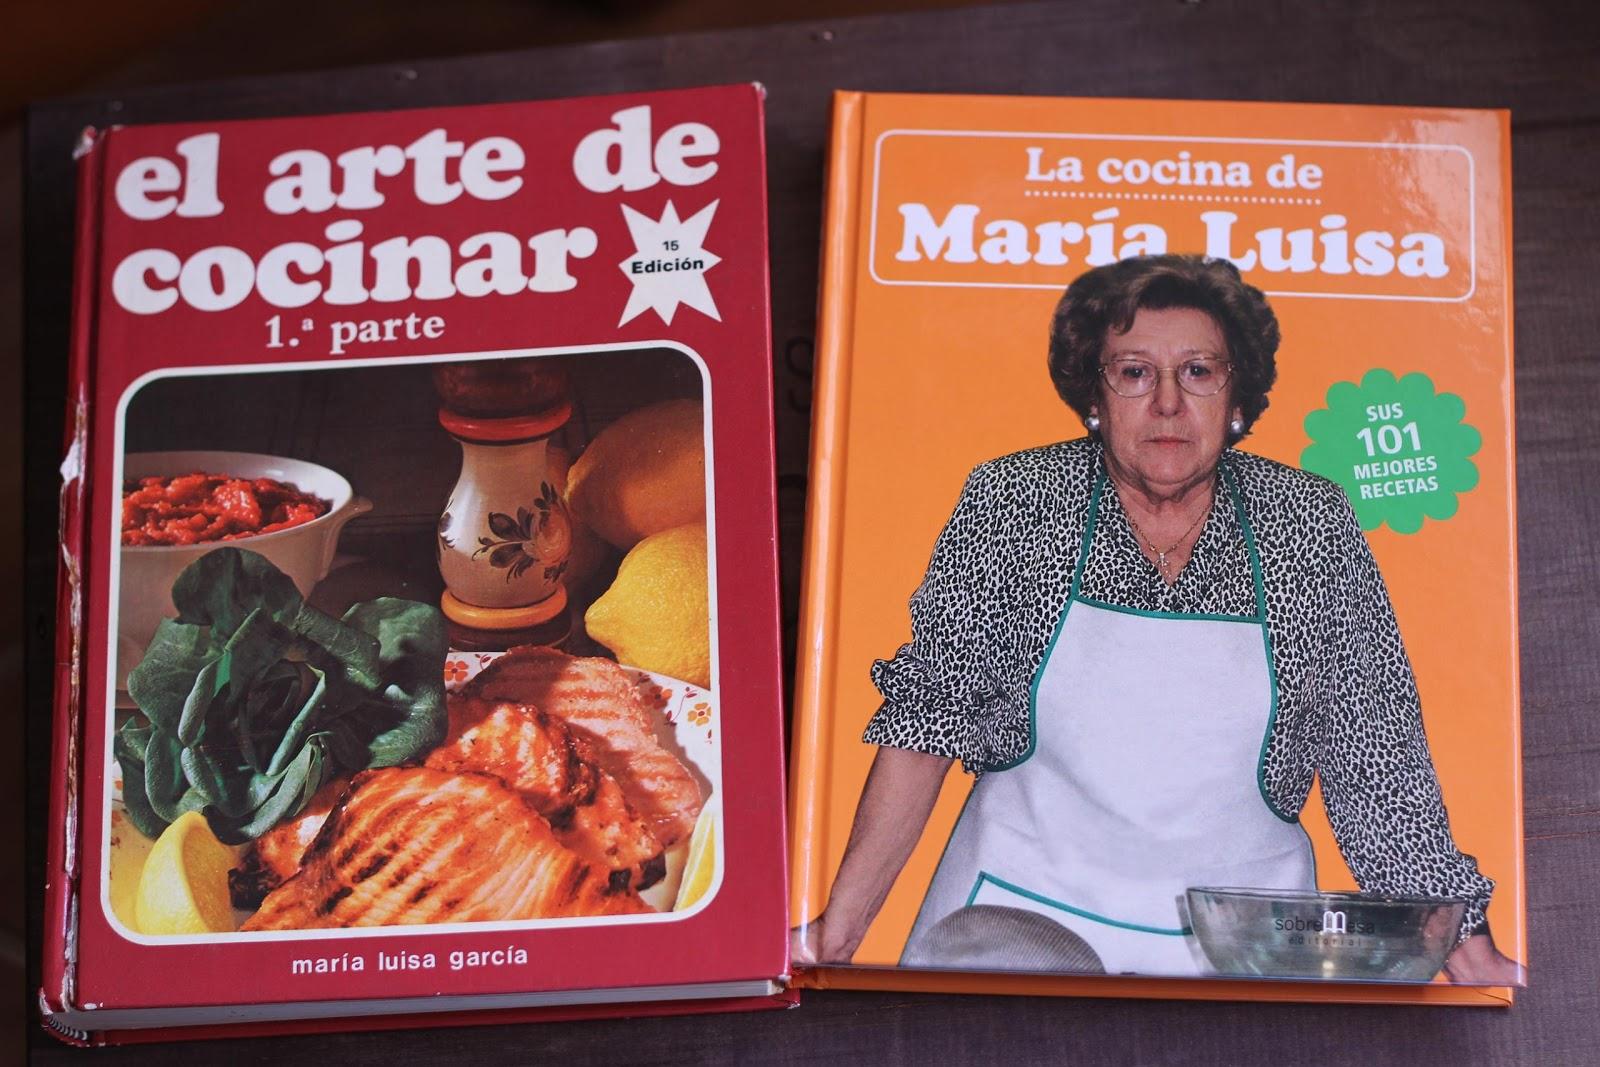 Lazy blog la renovaci n de el arte de cocinar la cocina de mar a luisa - La cocina de maria luisa ...